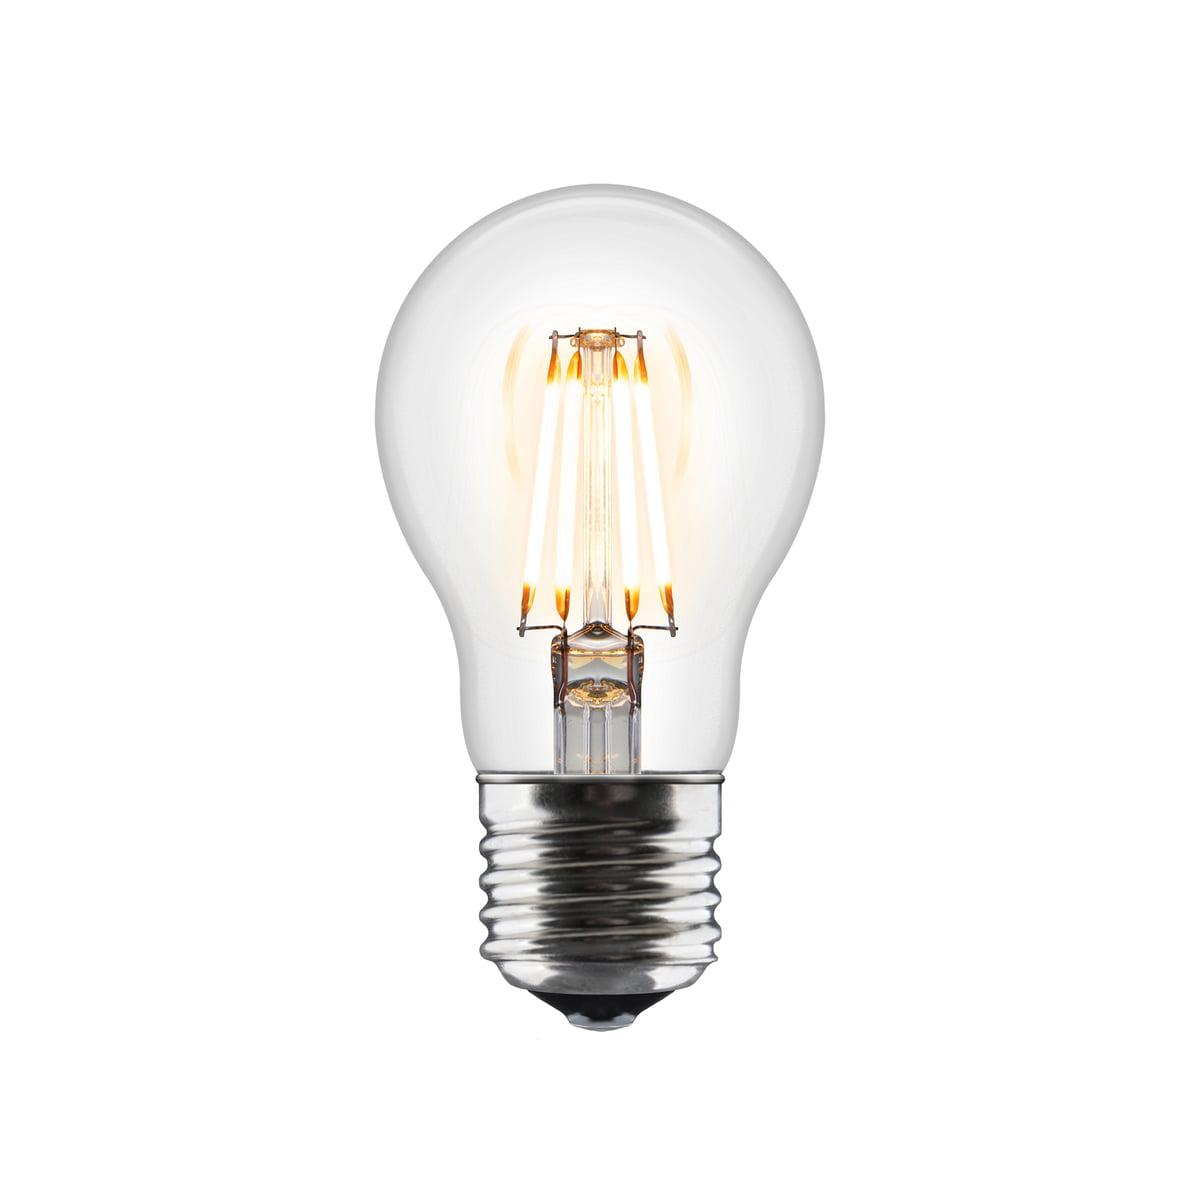 Umage   Idea LED Lightbulb E27 / 6 W, Clear